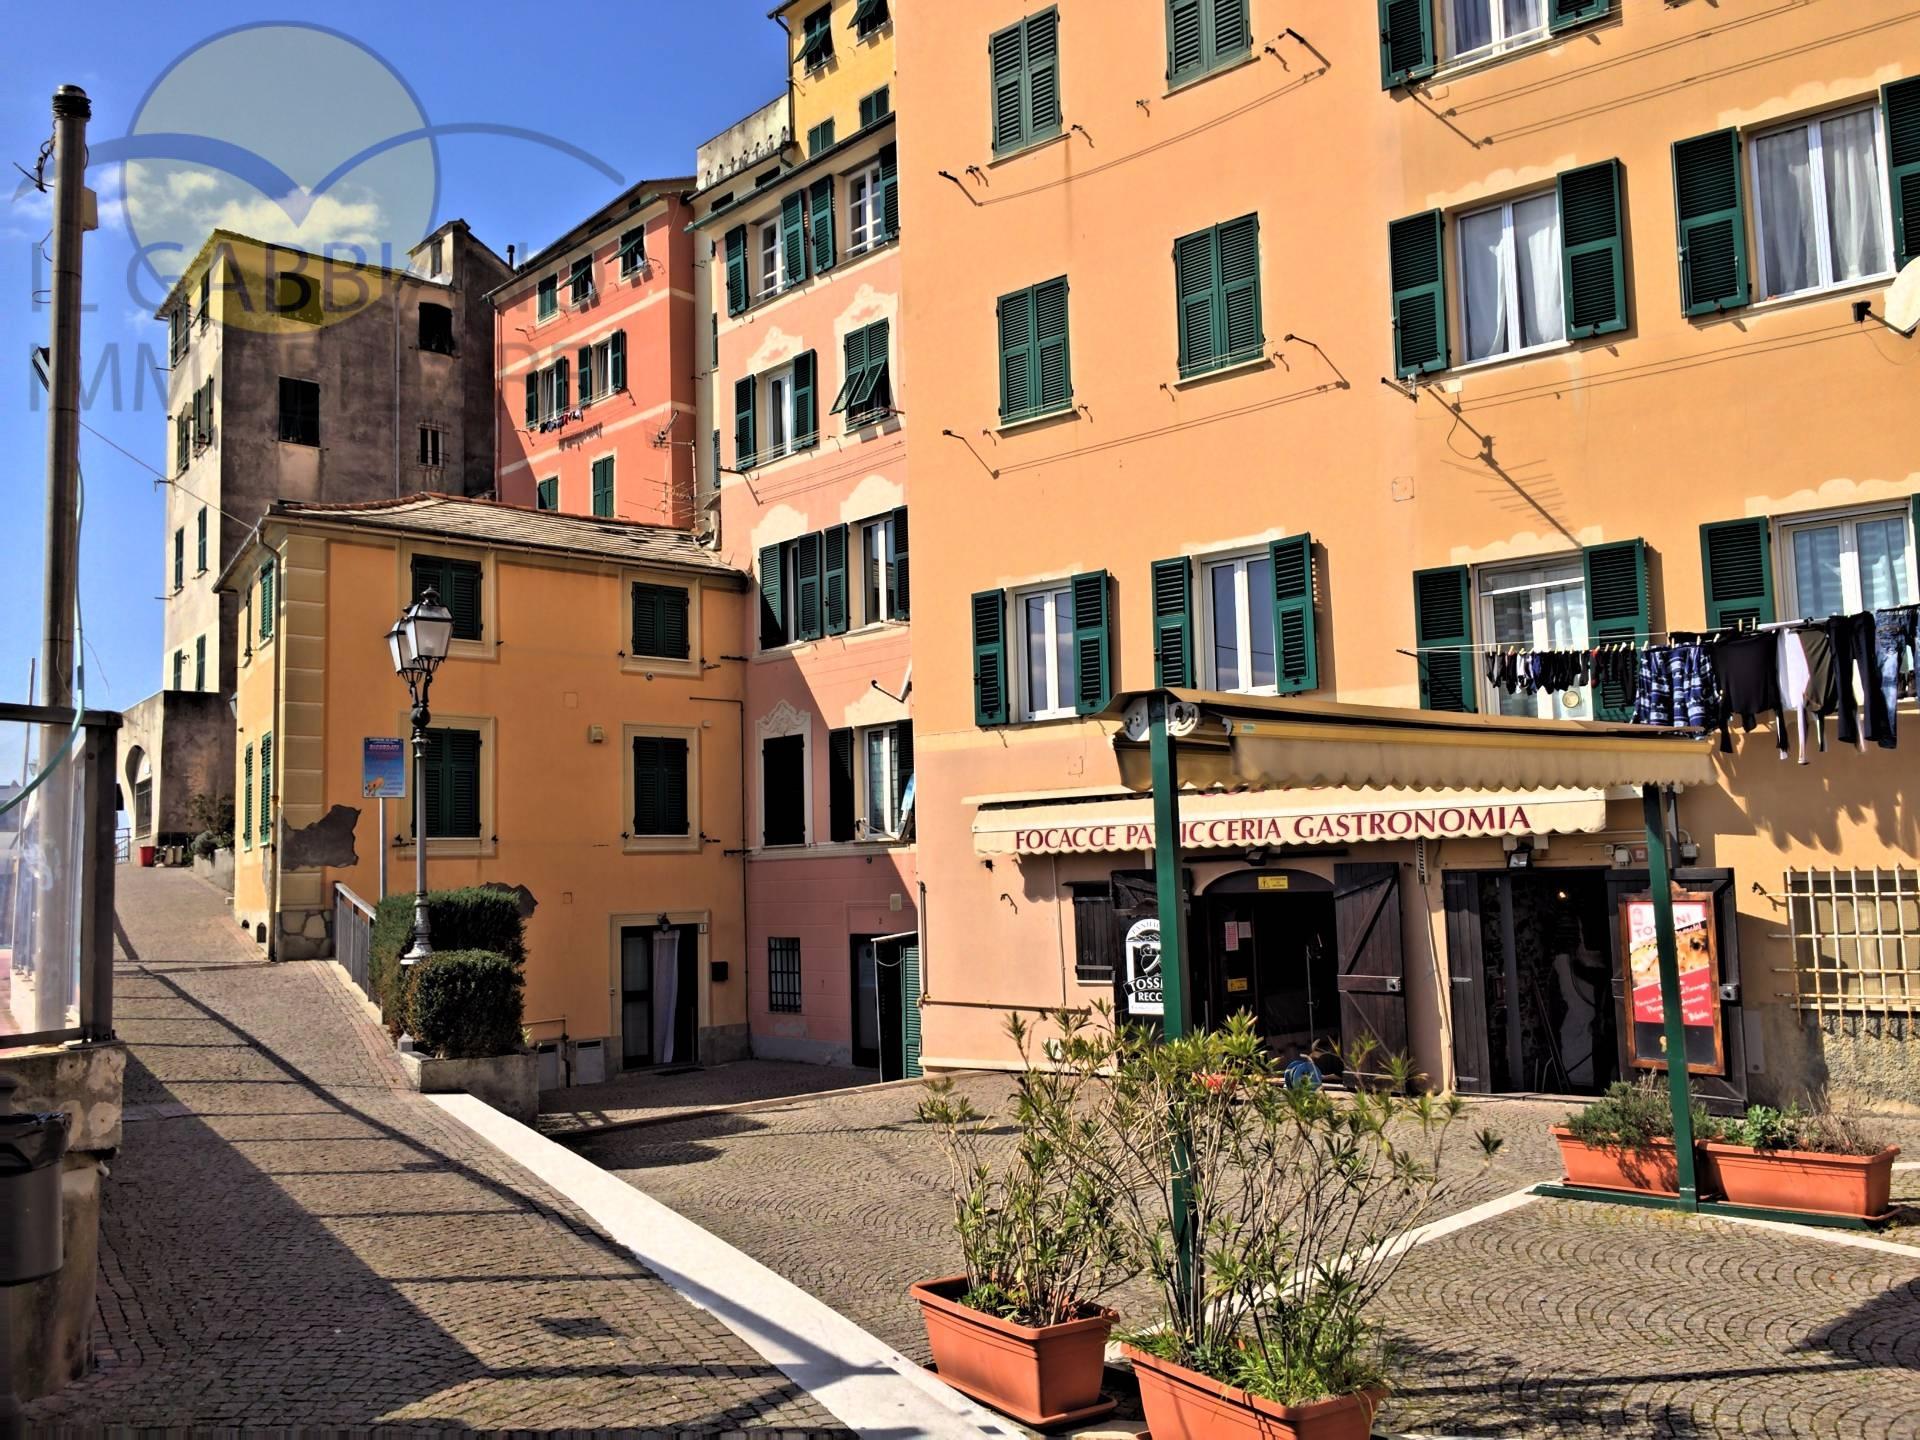 Appartamento in vendita a Sori, 2 locali, zona Località: mare, prezzo € 155.000 | Cambio Casa.it